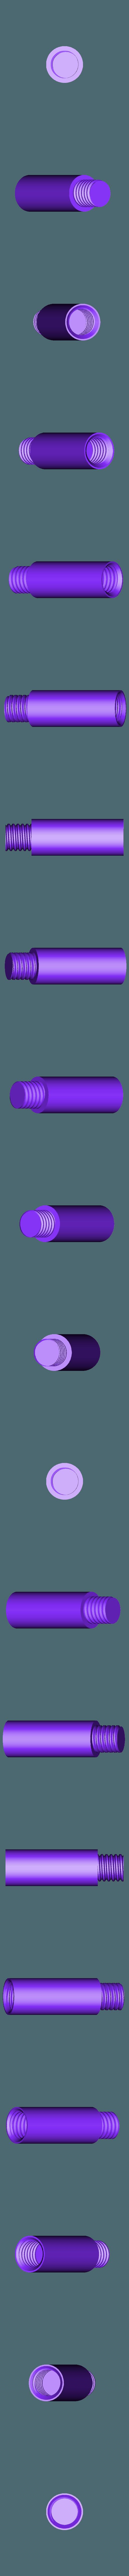 Feu4_tube_2.5_cm.stl Télécharger fichier STL gratuit Feu tricolore - Feu tricolore • Modèle à imprimer en 3D, jeek25